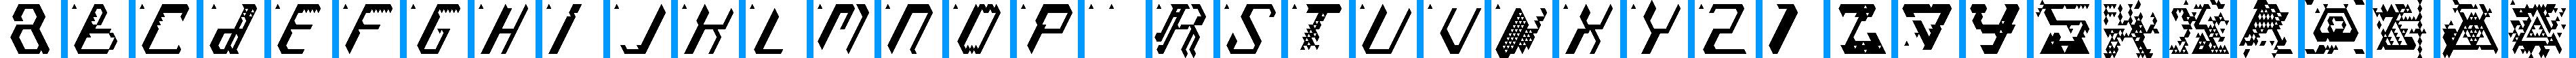 Particip-a-type v.273